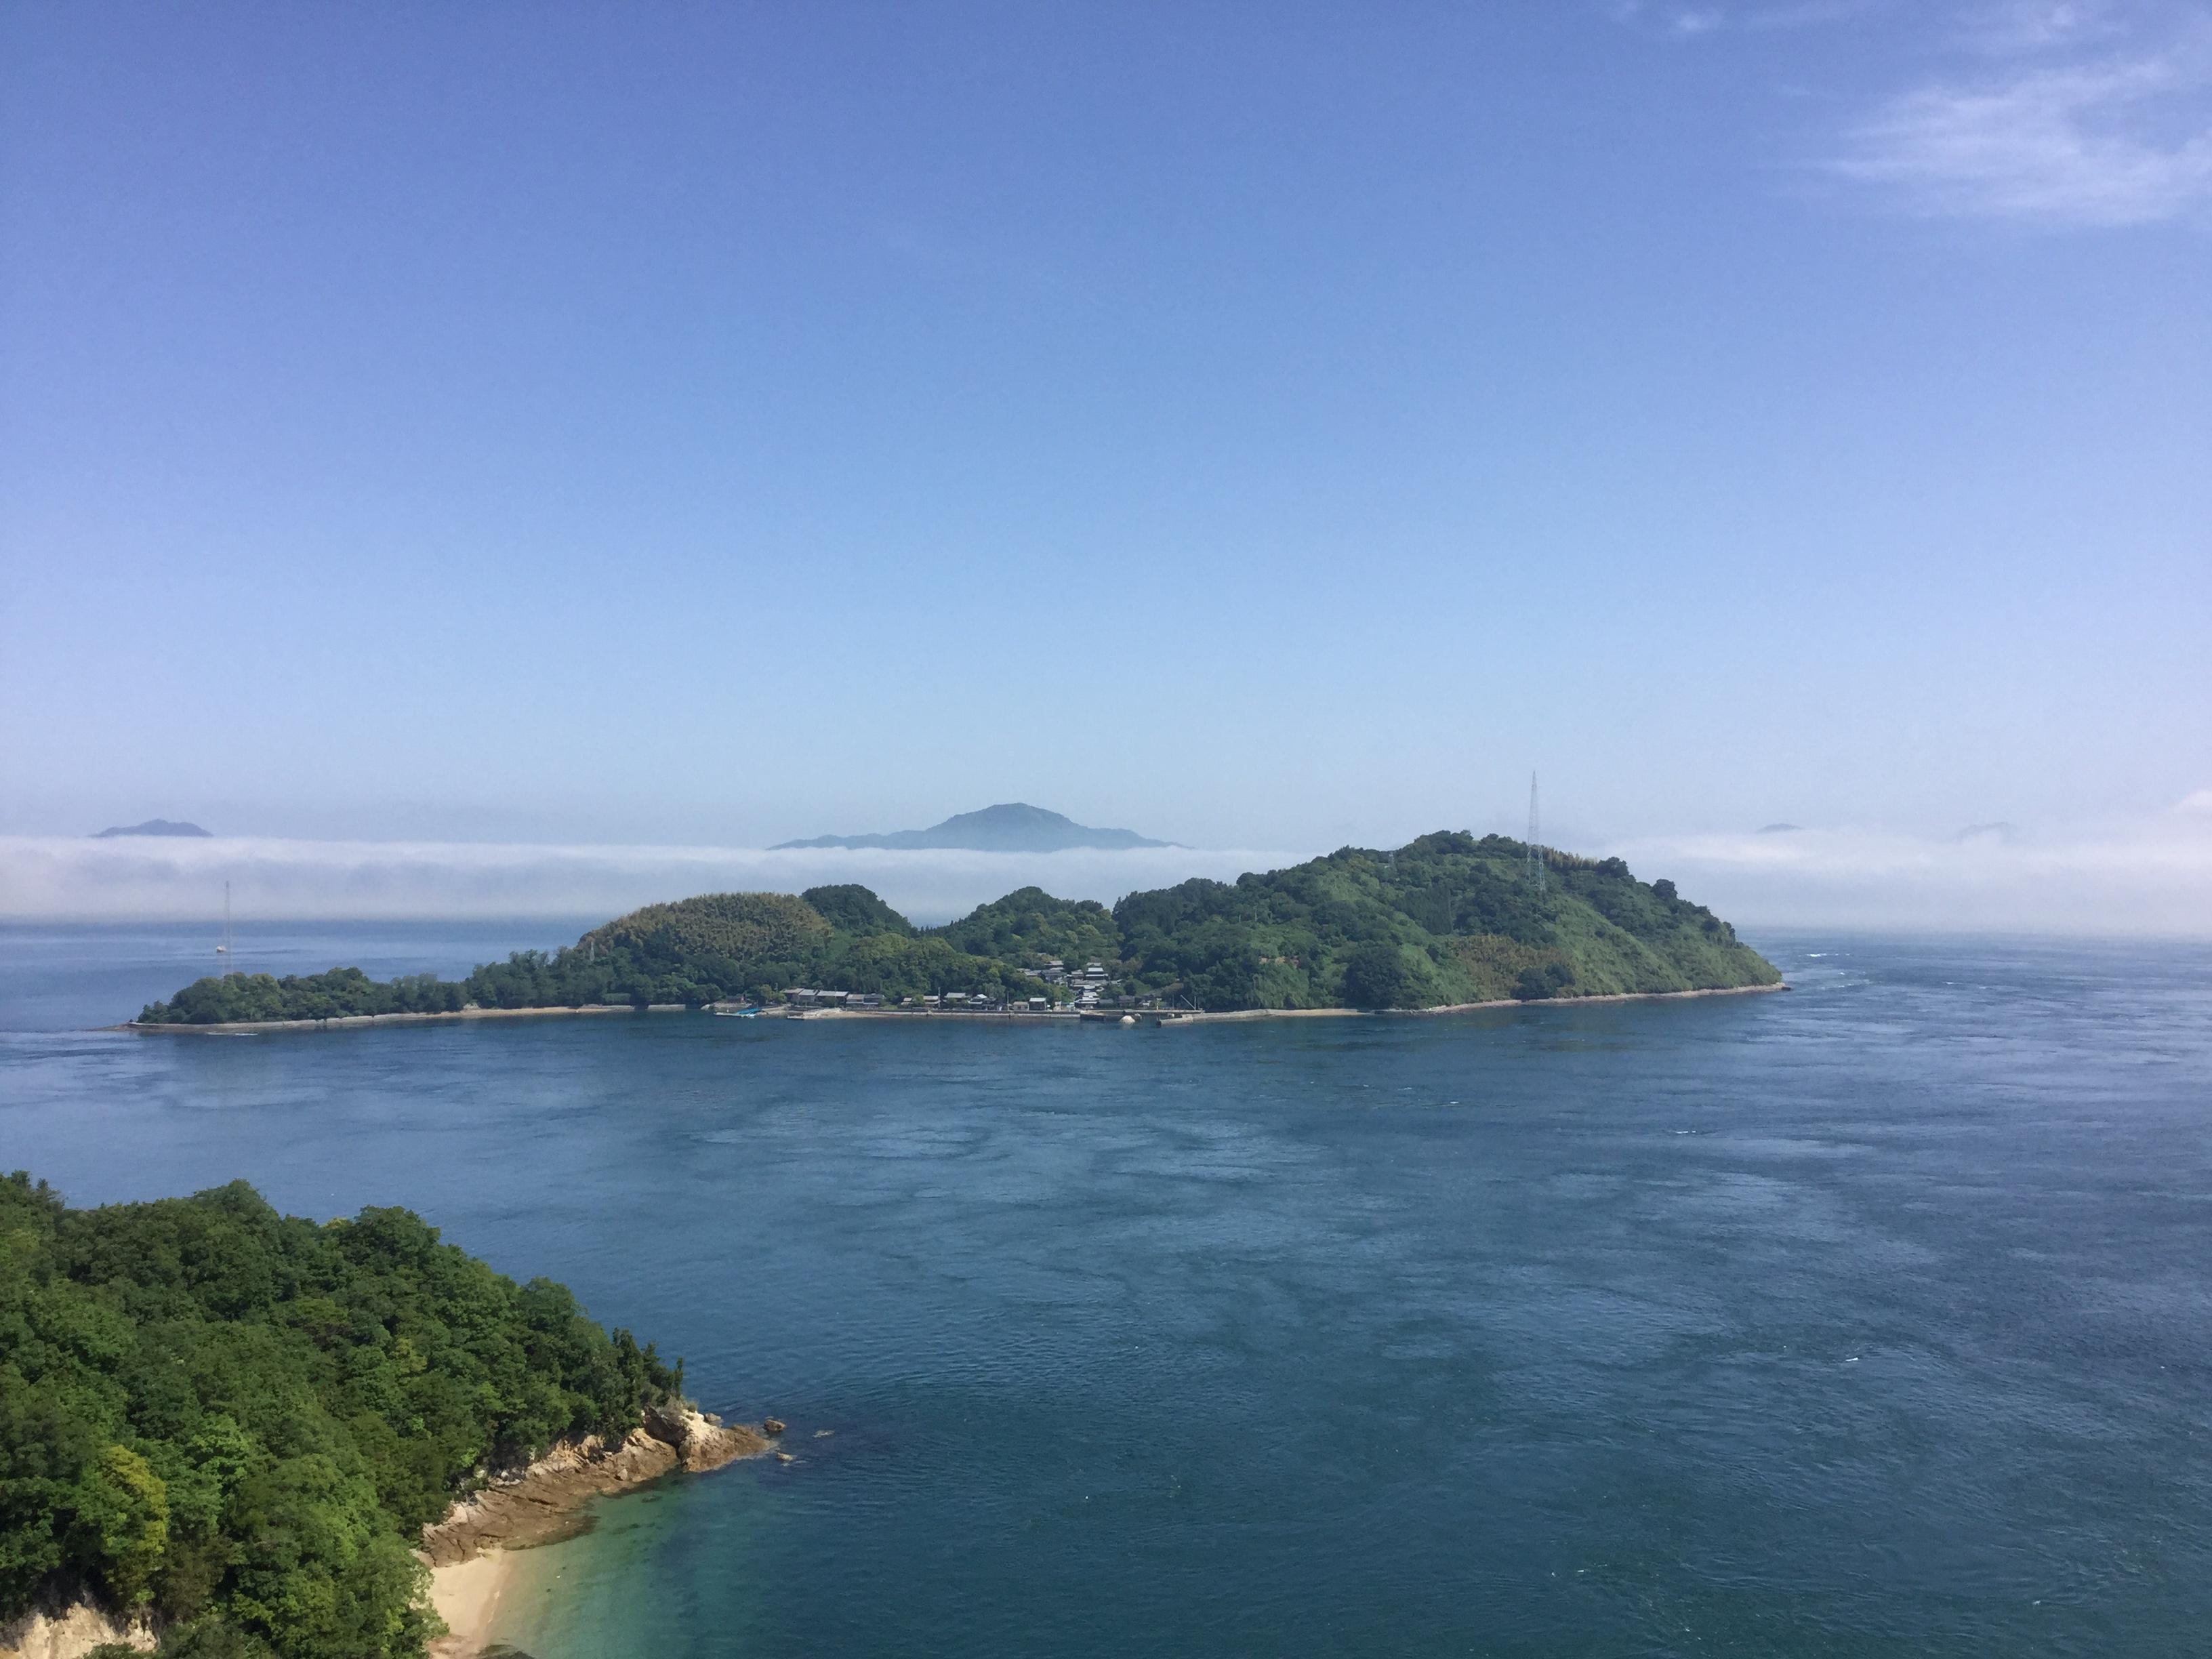 [問卦] 有台灣島波海道--淡水金色河岸的八卦嗎